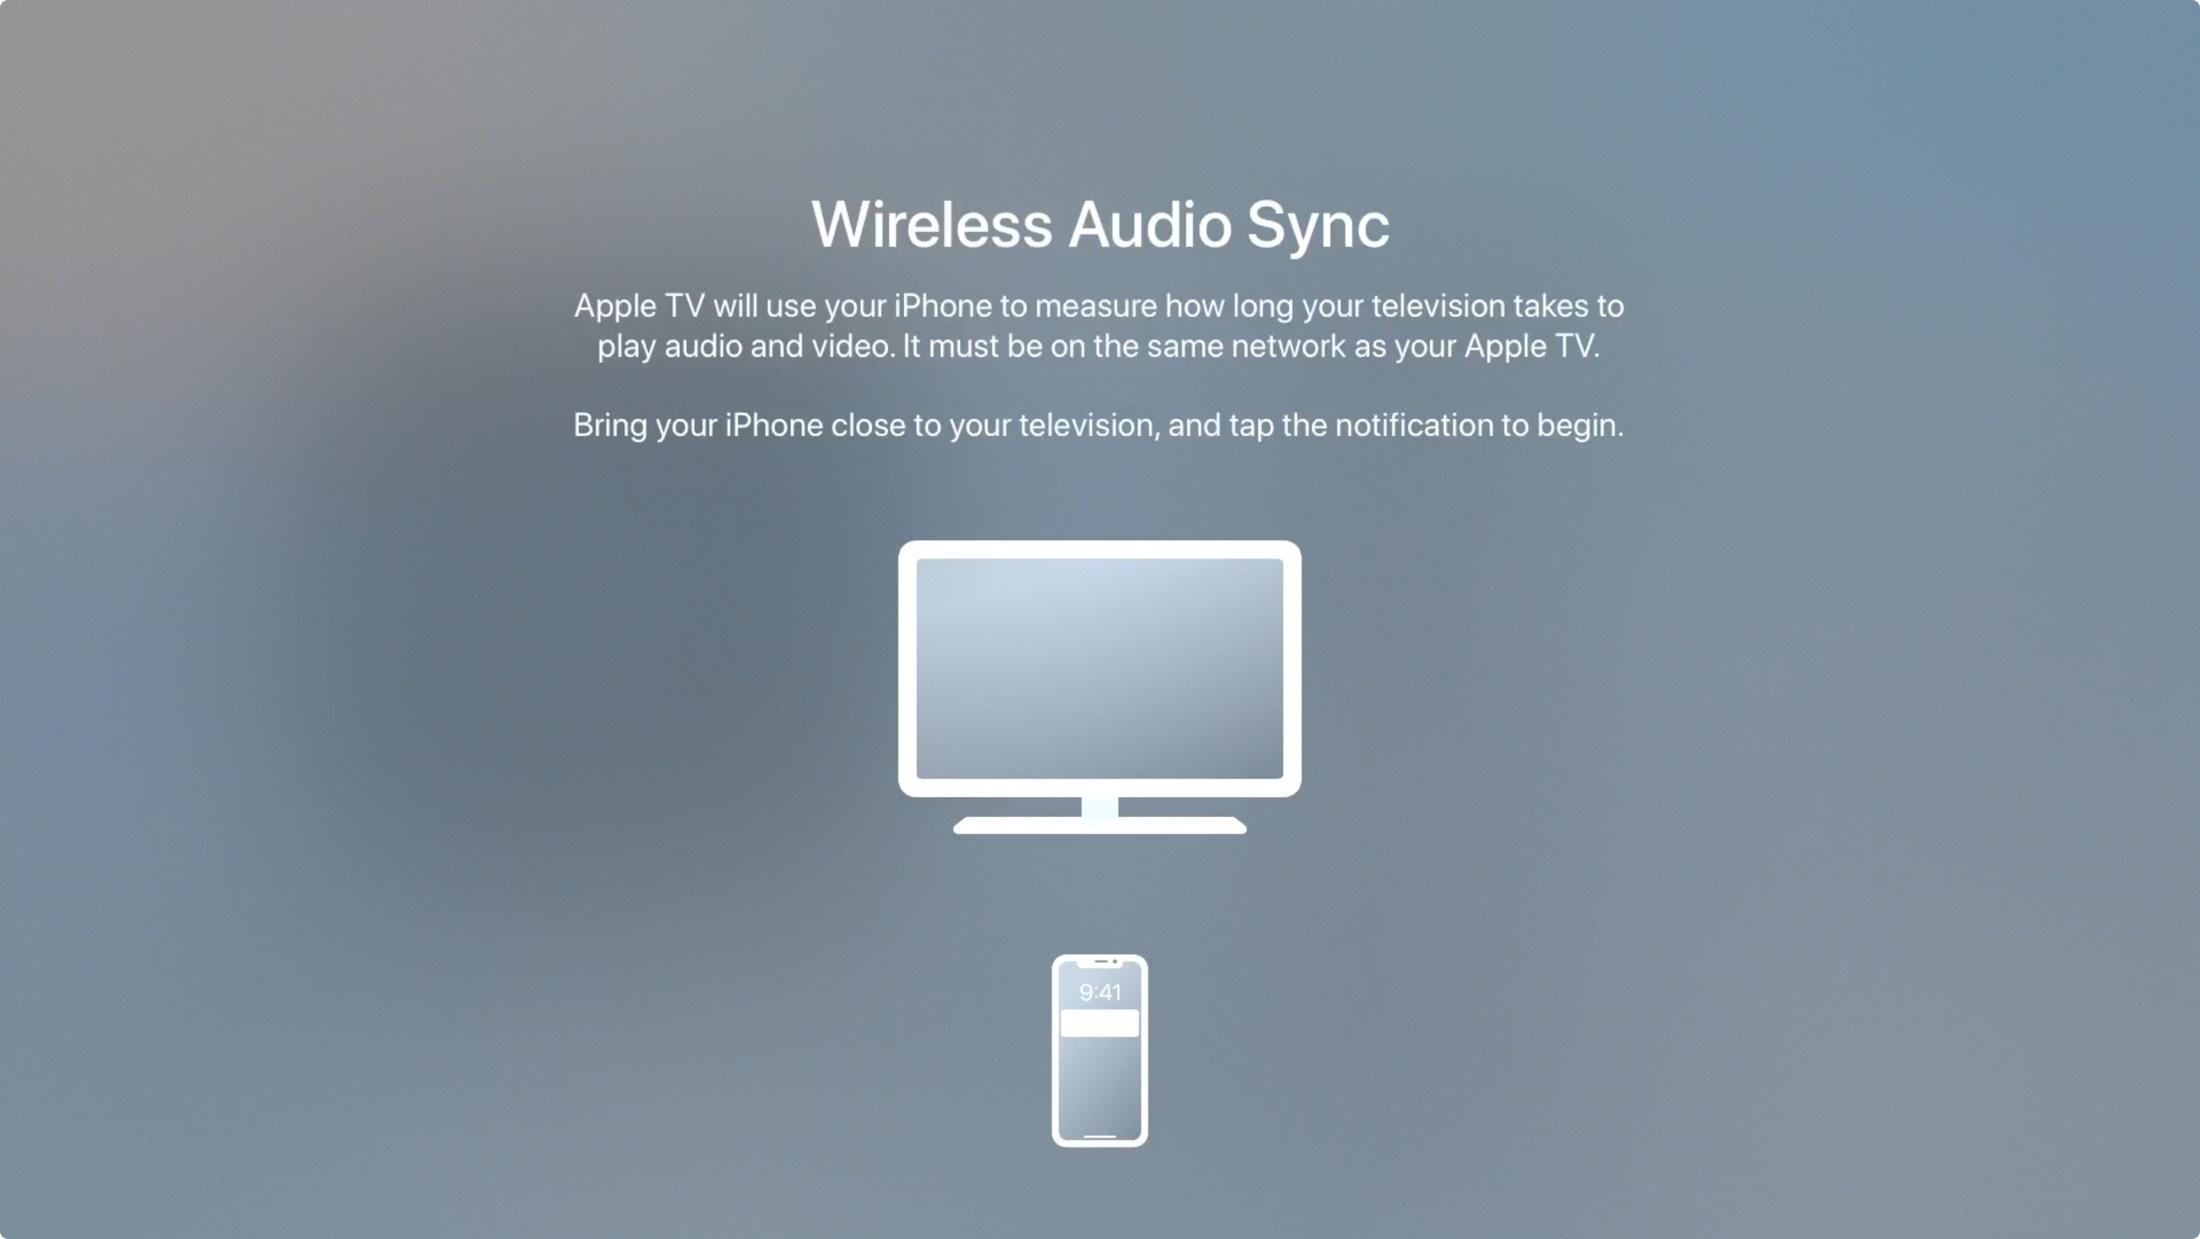 Wireless Audio Sync on Apple TV